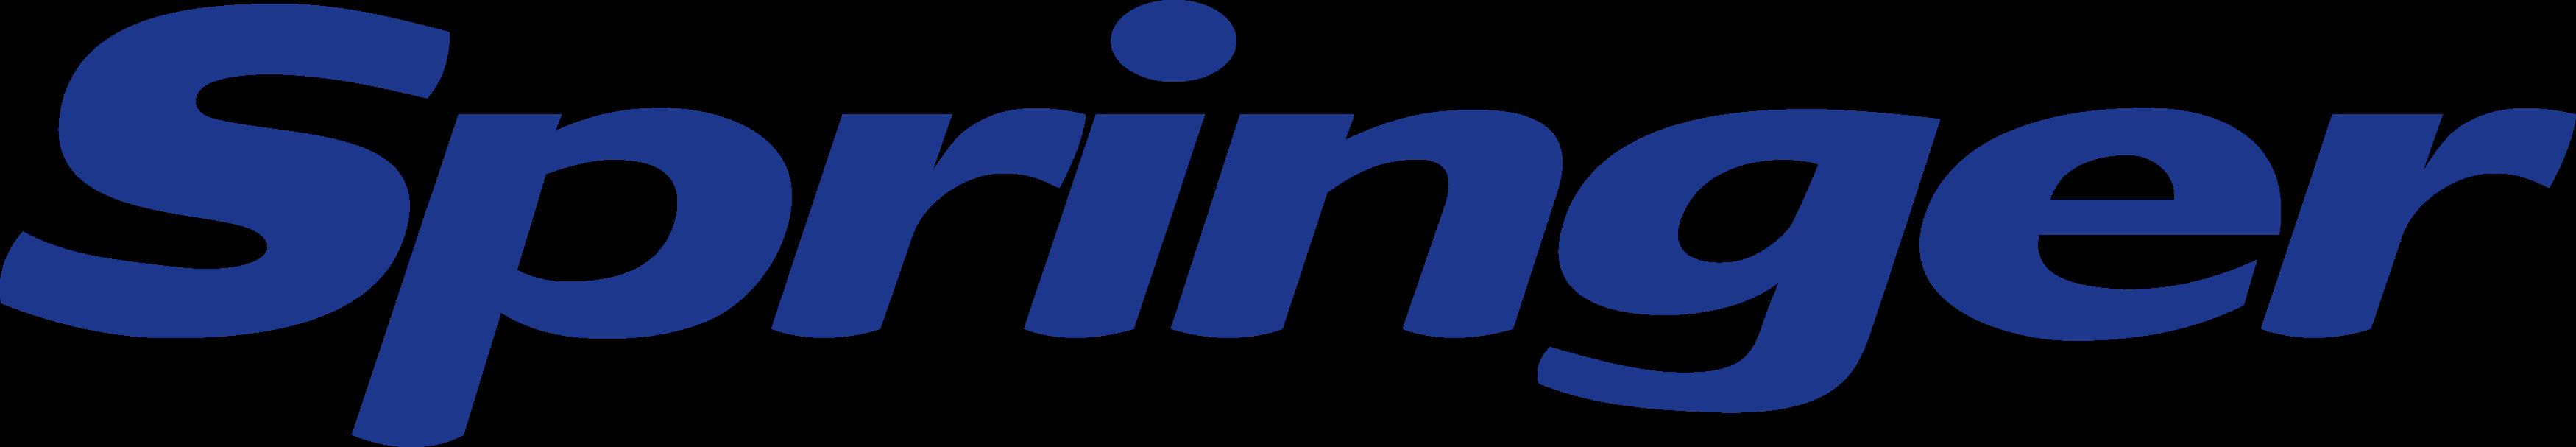 springer logo.